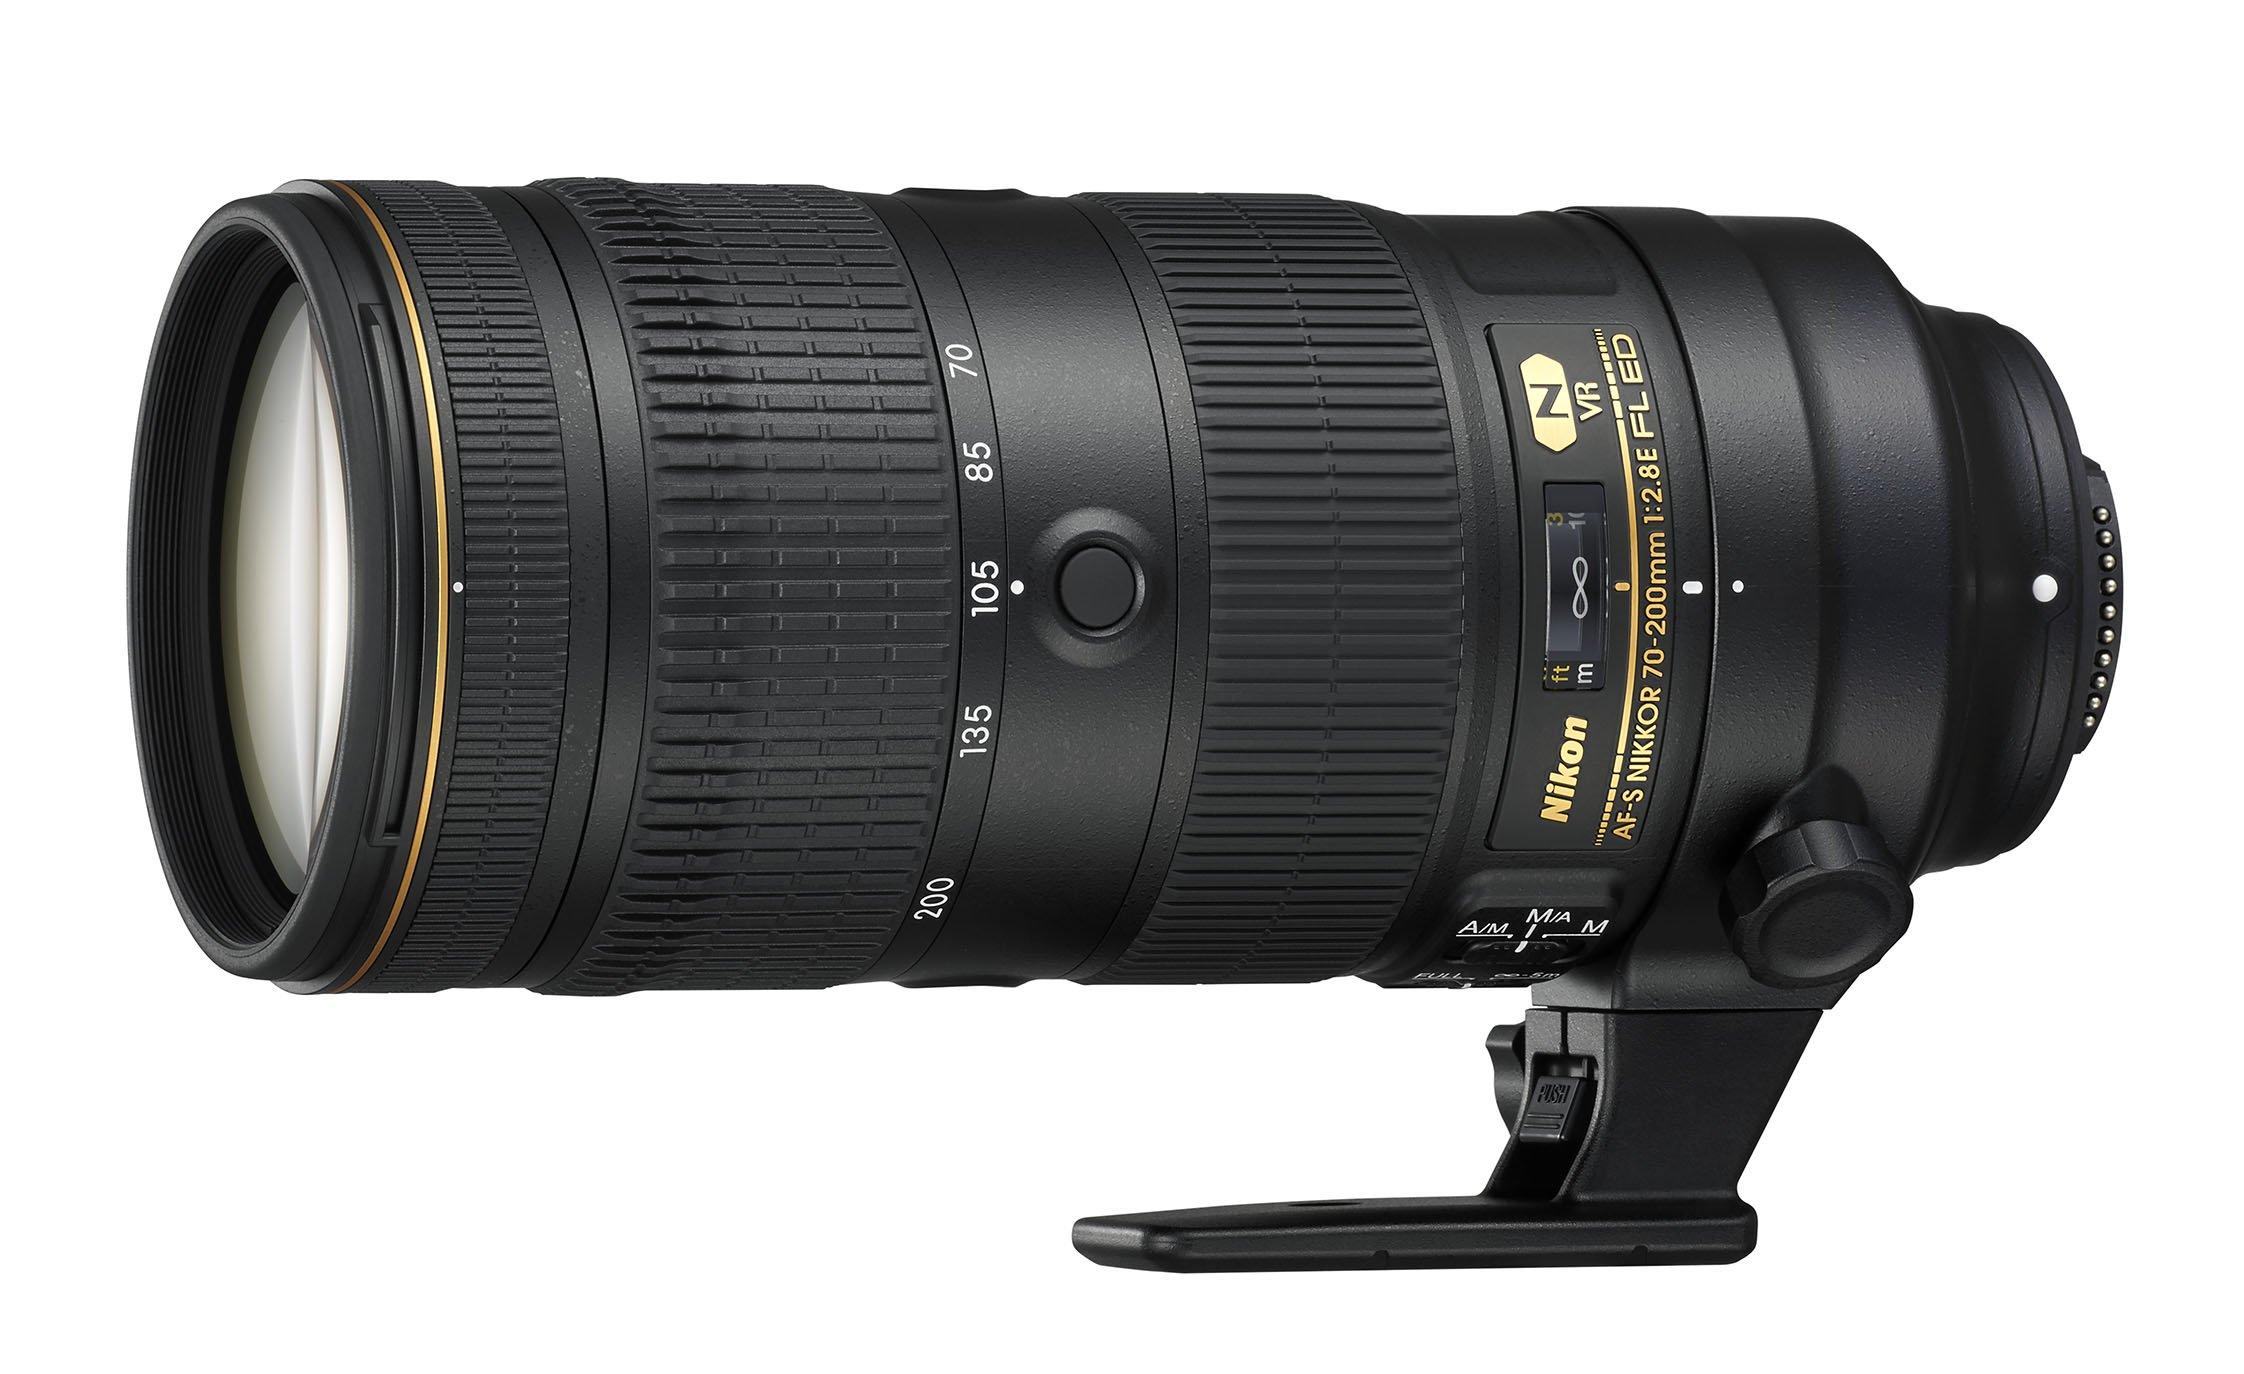 Nikon AF-S NIKKOR 70-200mm f/2.8E FL ED VR Lens by Nikon